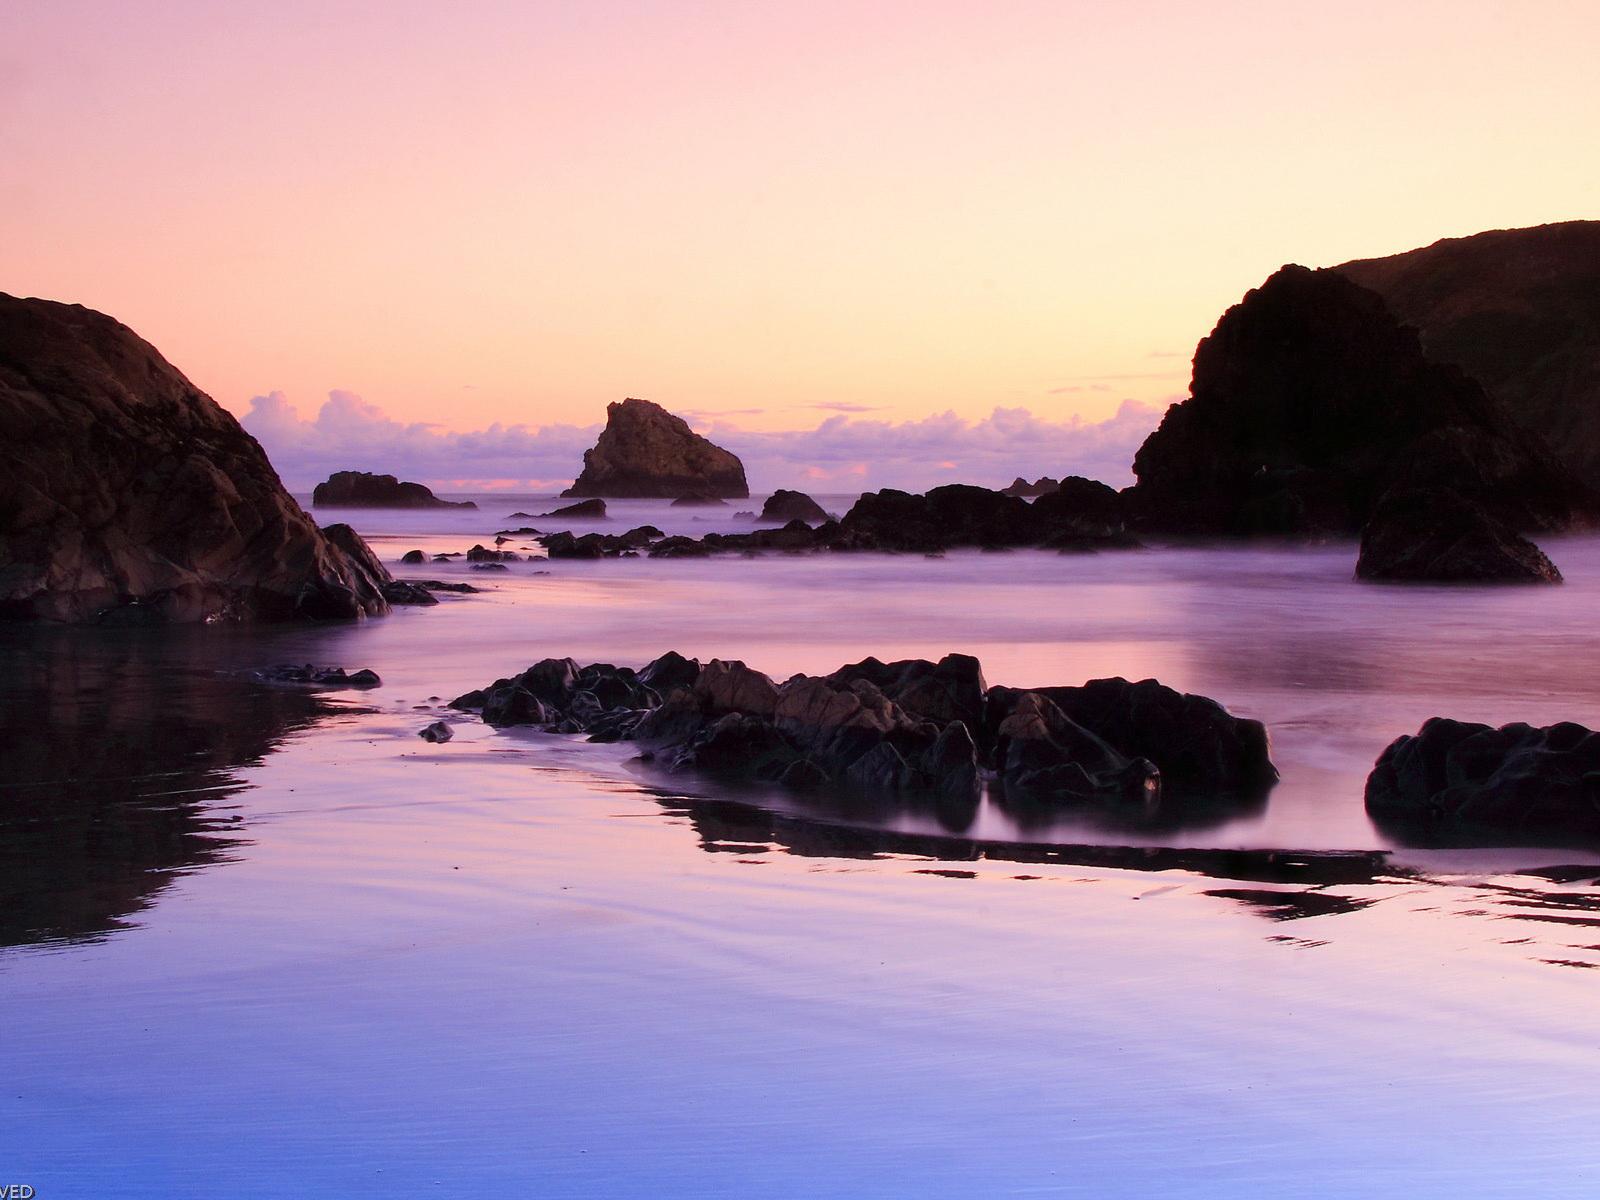 http://2.bp.blogspot.com/-eSzU0NSva38/T0AFbey9boI/AAAAAAAAGW8/0oMMIrA8rTc/s1600/Nature+Wallpaper+0028.jpg